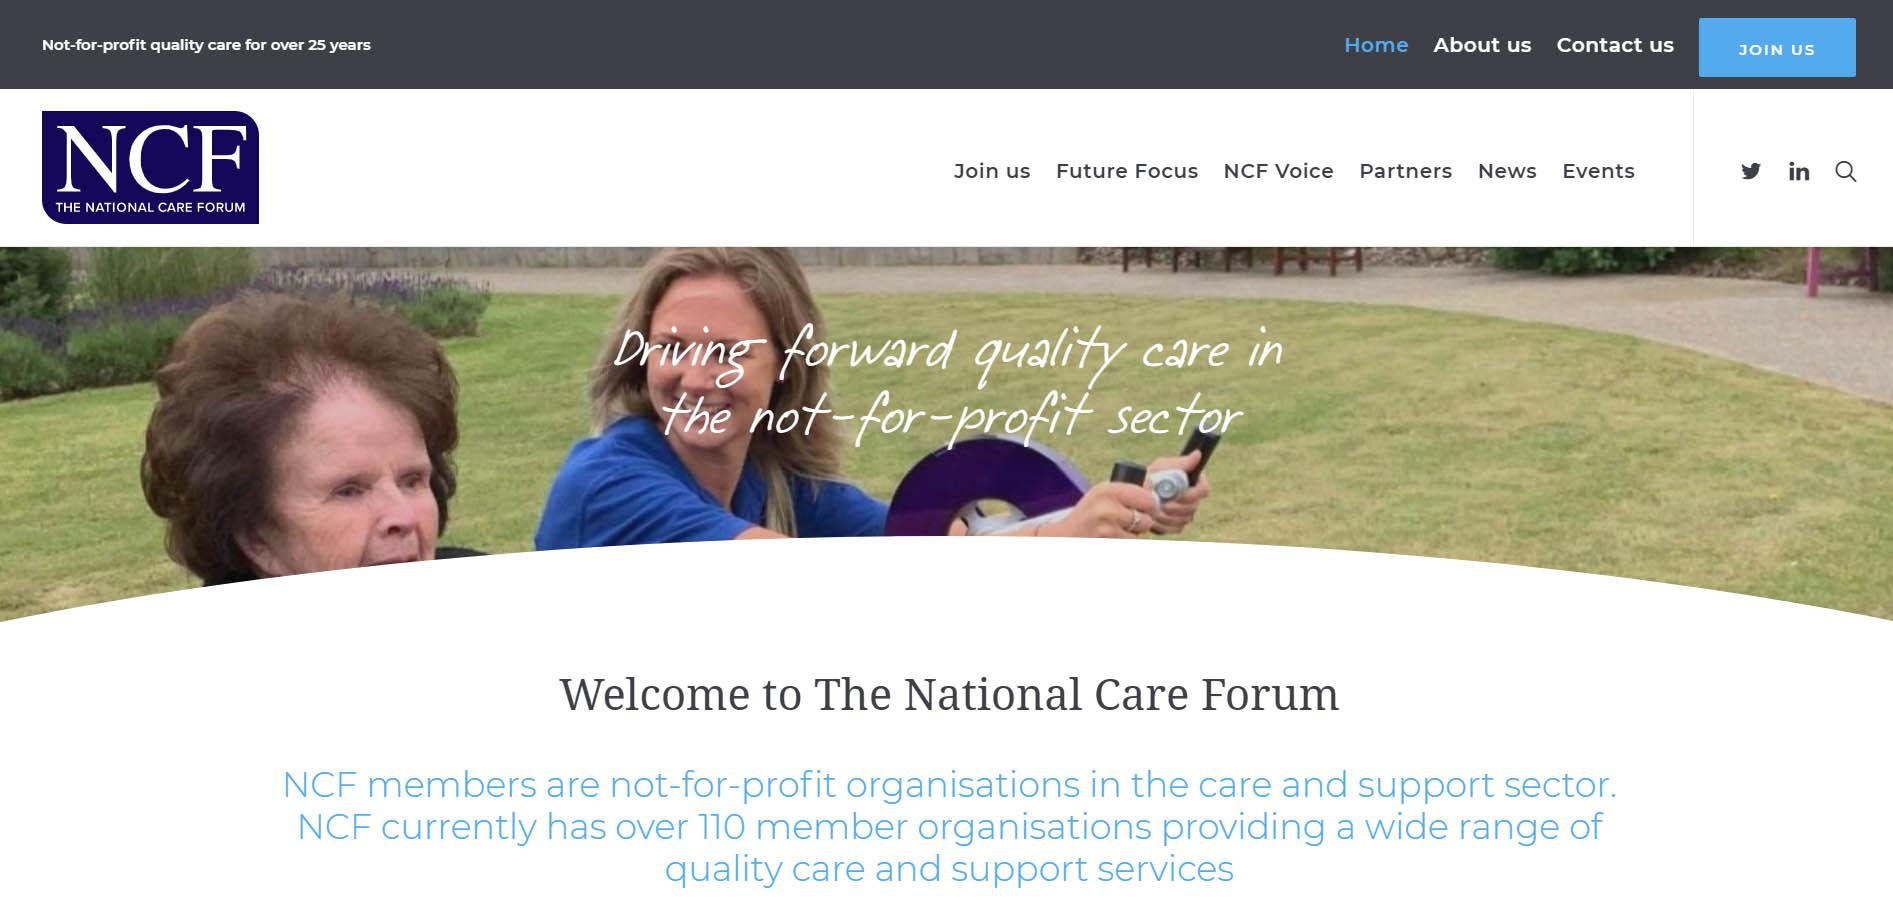 NCF website 2